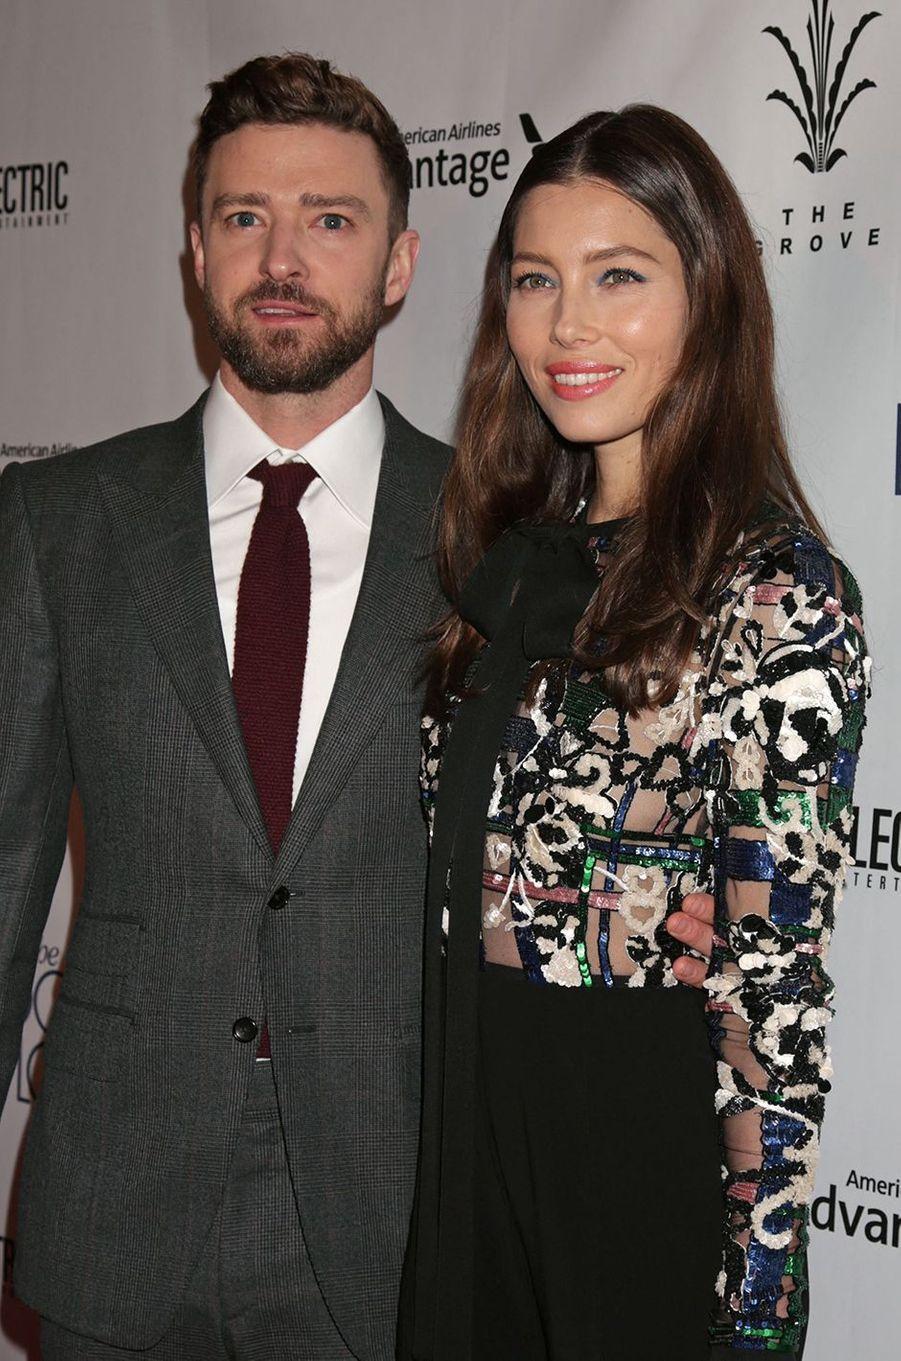 Justin Timberlake et Jessica Biel sont devenus parents pour la seconde fois en 2020. Le couple n'a pas fait d'annonce officielle, l'information ayant été confirmée en septembre 2020 par Lance Bass.